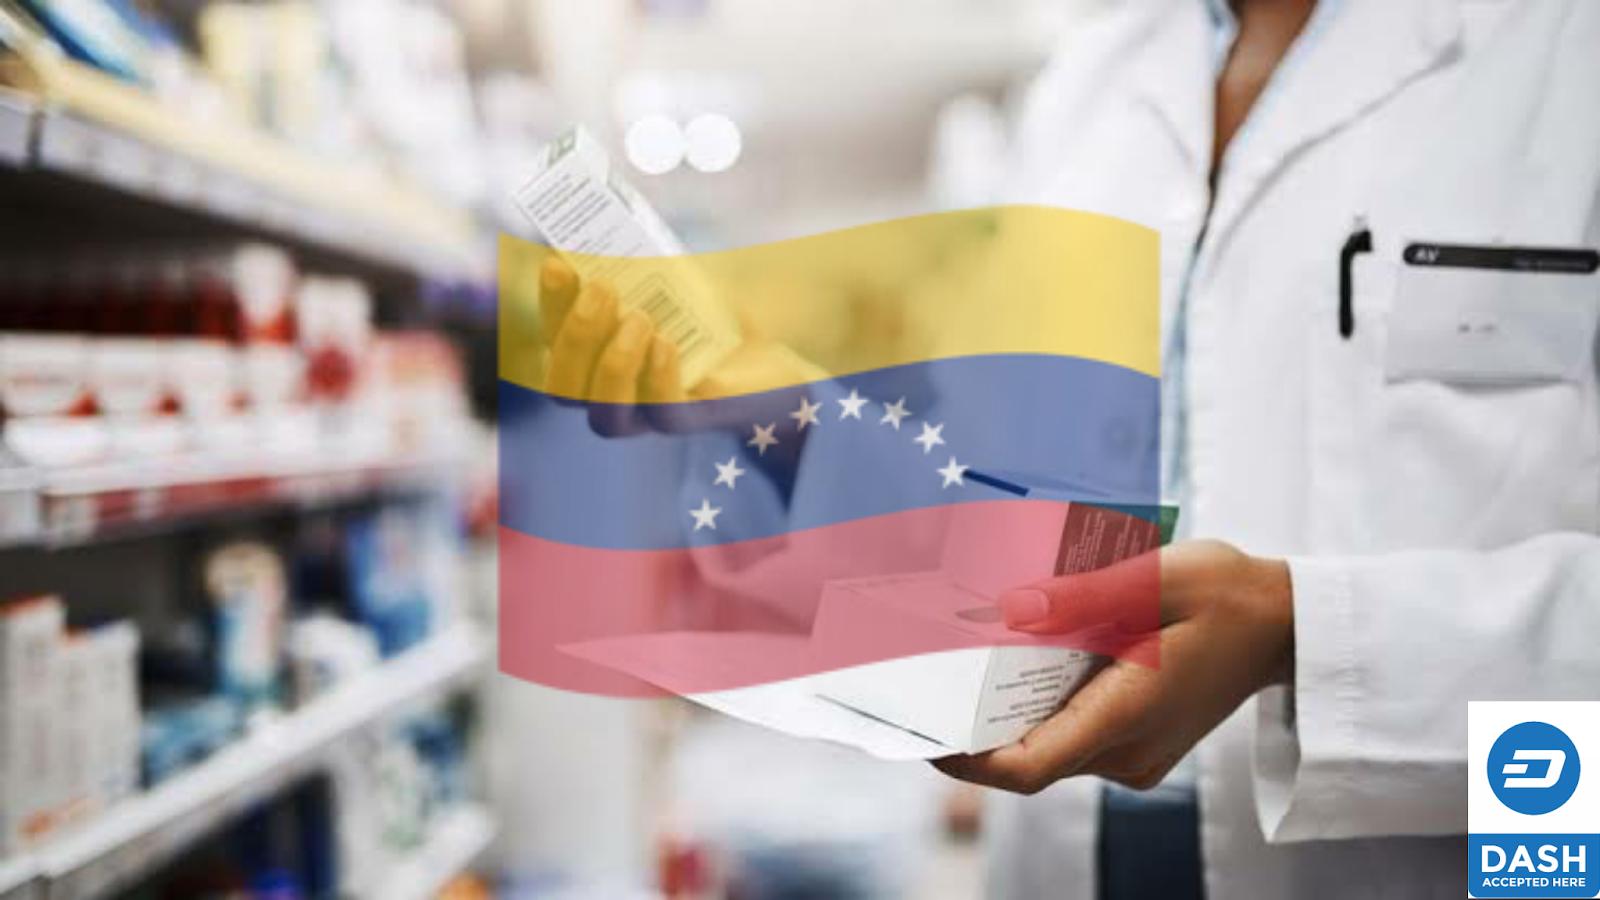 berita harian cryptocurrency, kabar harian cryptocurrency, berita keuangan terbaru, kabar keuangan terbaru, waralaba farmasi venezuela mulai mengadopsi cryptocurrency, adopsi cryptocurrency dalam sistem keuangan, kabar koin, potensi cryptocurrency dalam sistem keuangan,